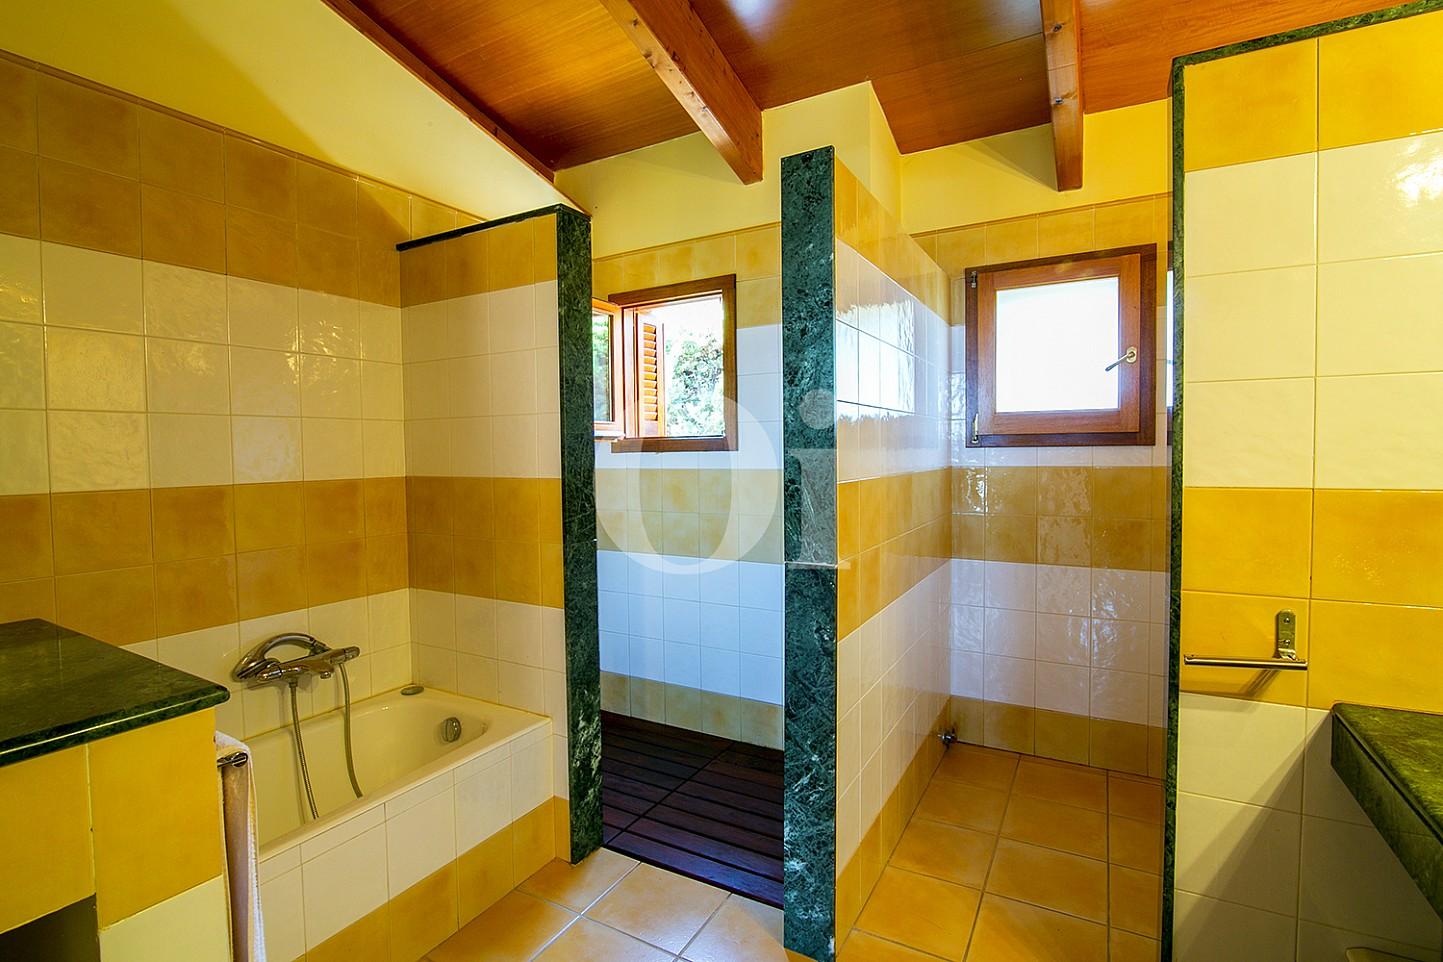 Sensacional baño completo con plato de ducha y aseo en espectacular casa en venta ubicada en Teià